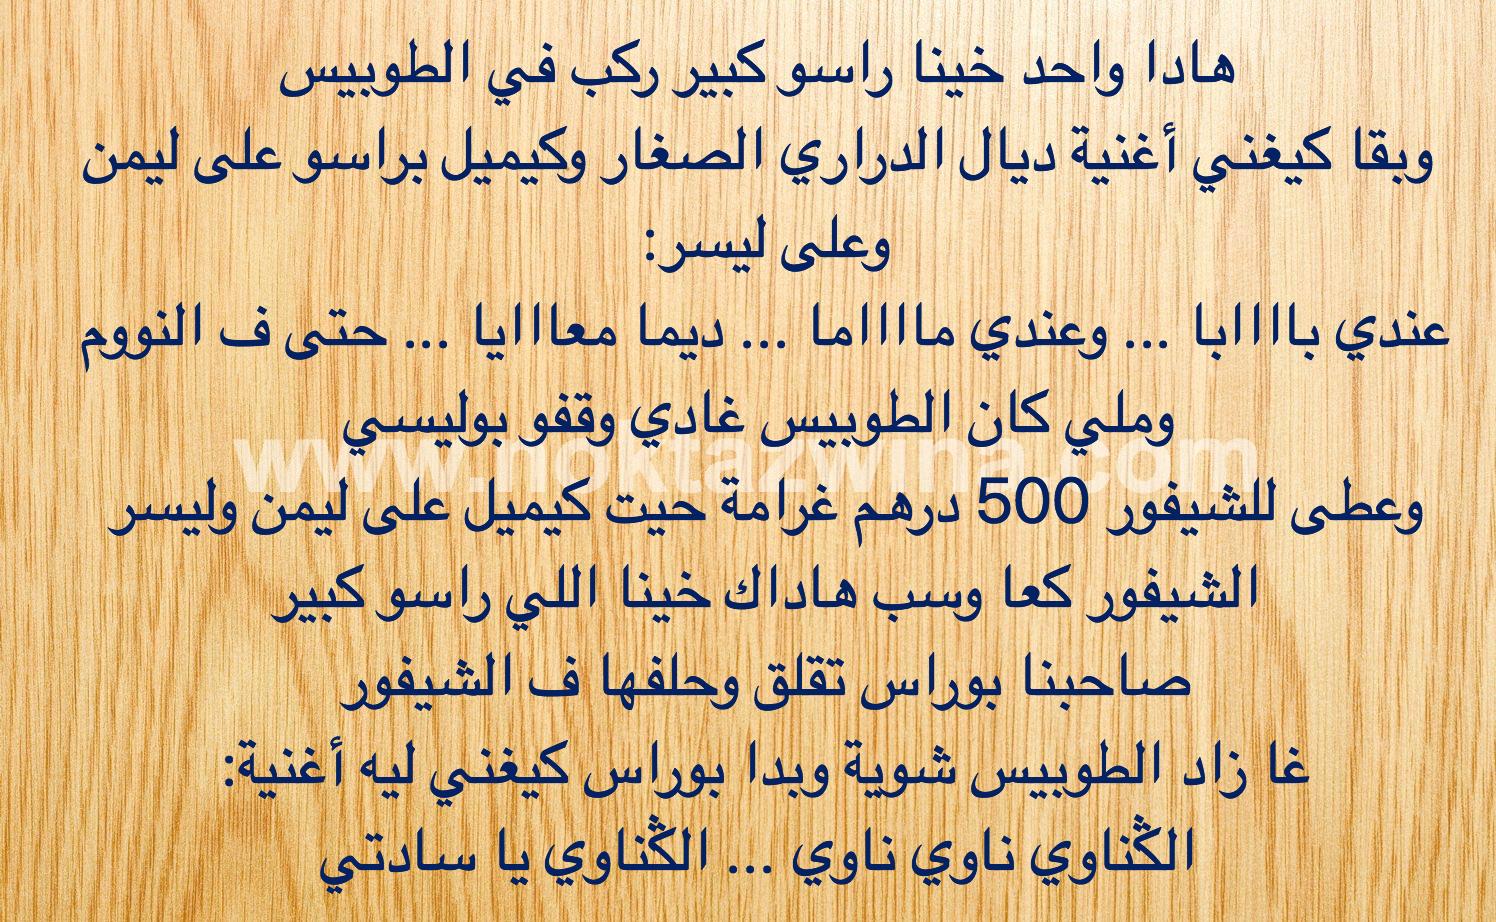 بالصور نكت مغربية مضحكة , اجمد النكت المغربيه 3221 1